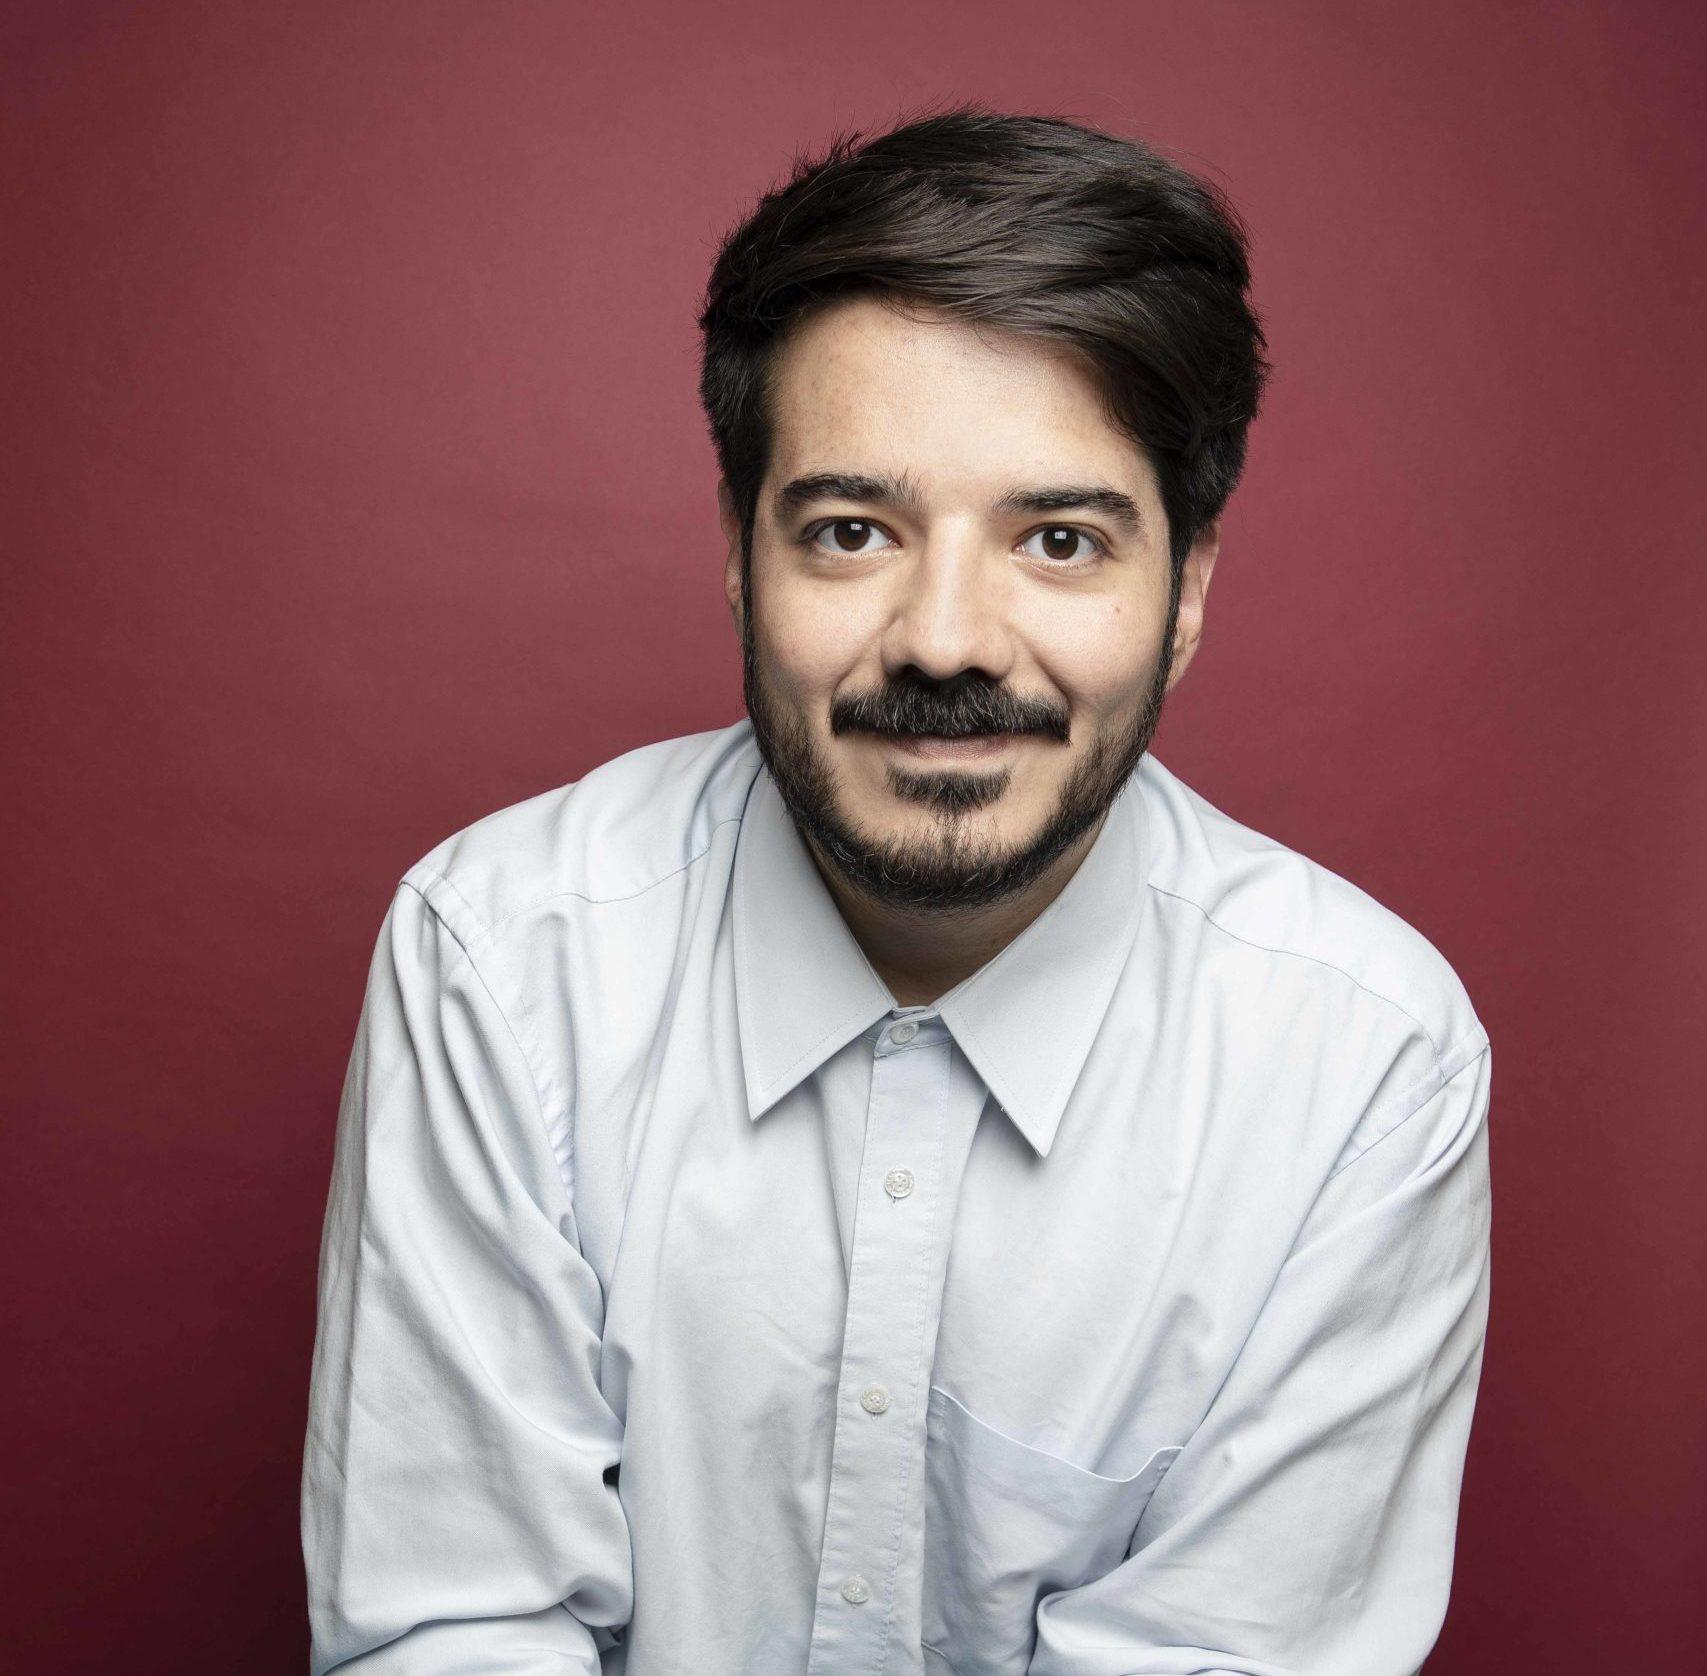 Miguel Ángel Báez